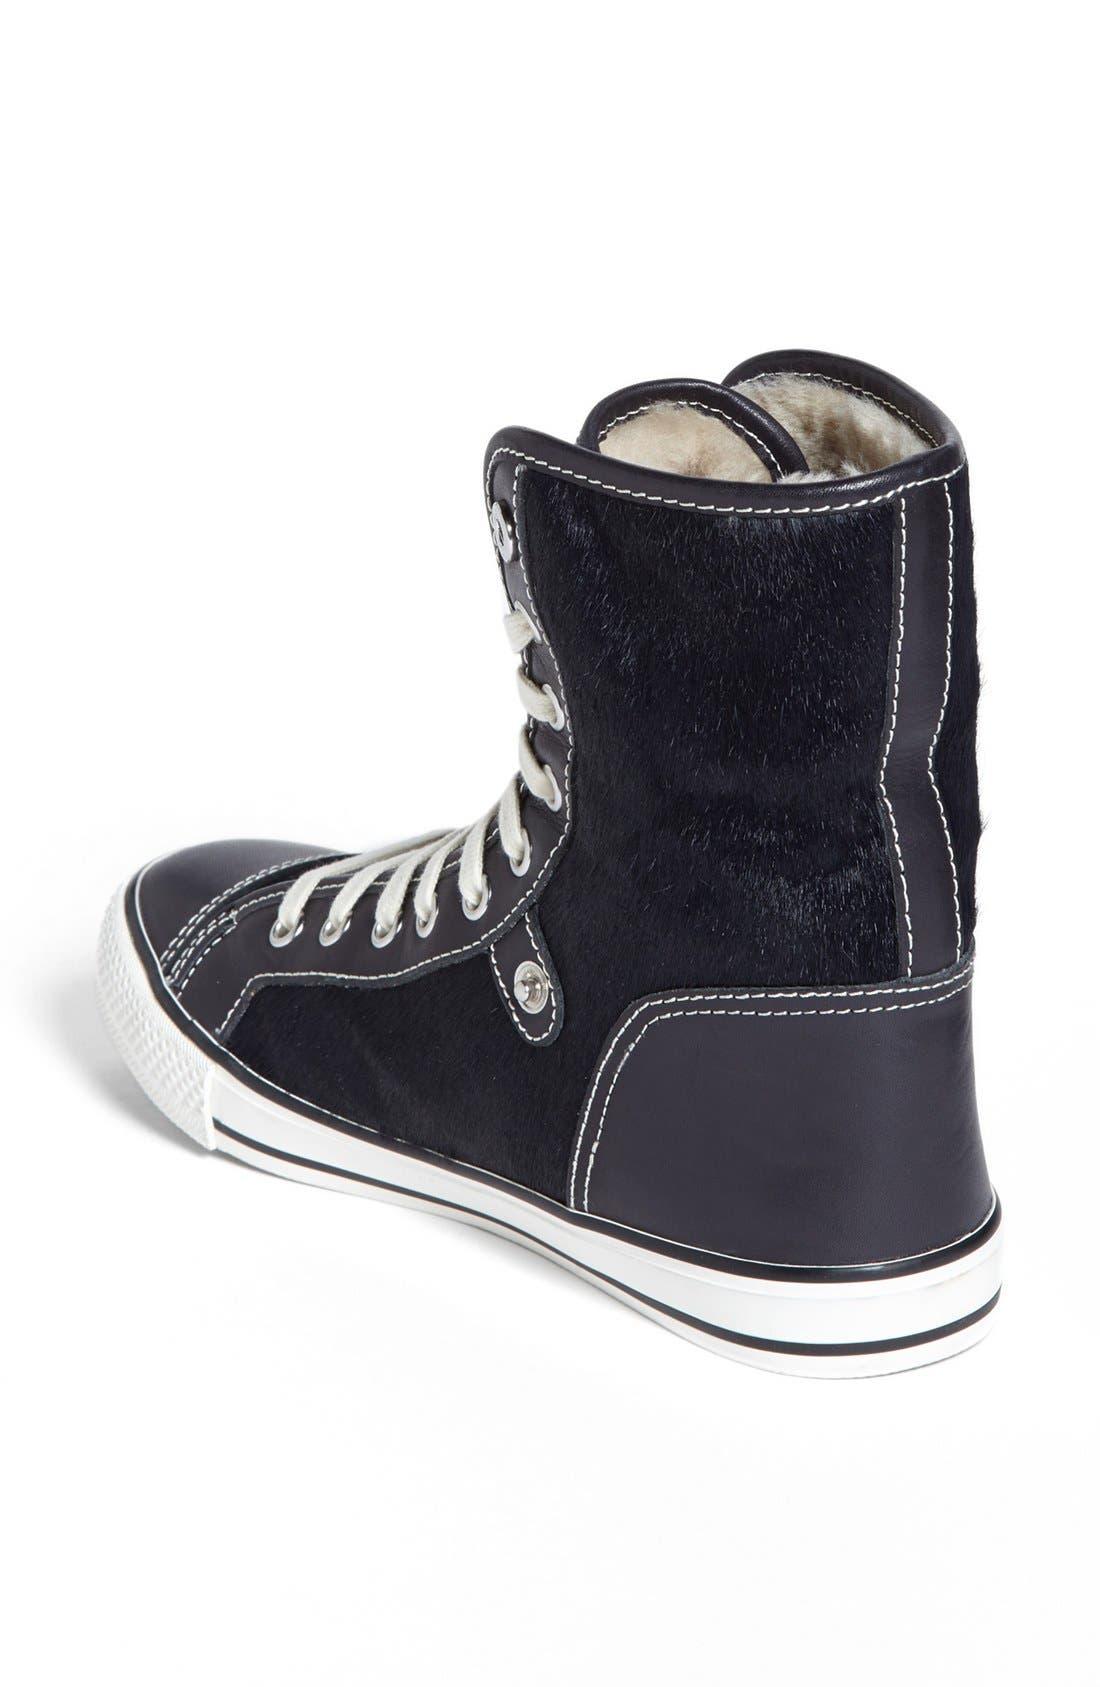 Alternate Image 2  - Tory Burch 'Benjamin' High Top Sneaker